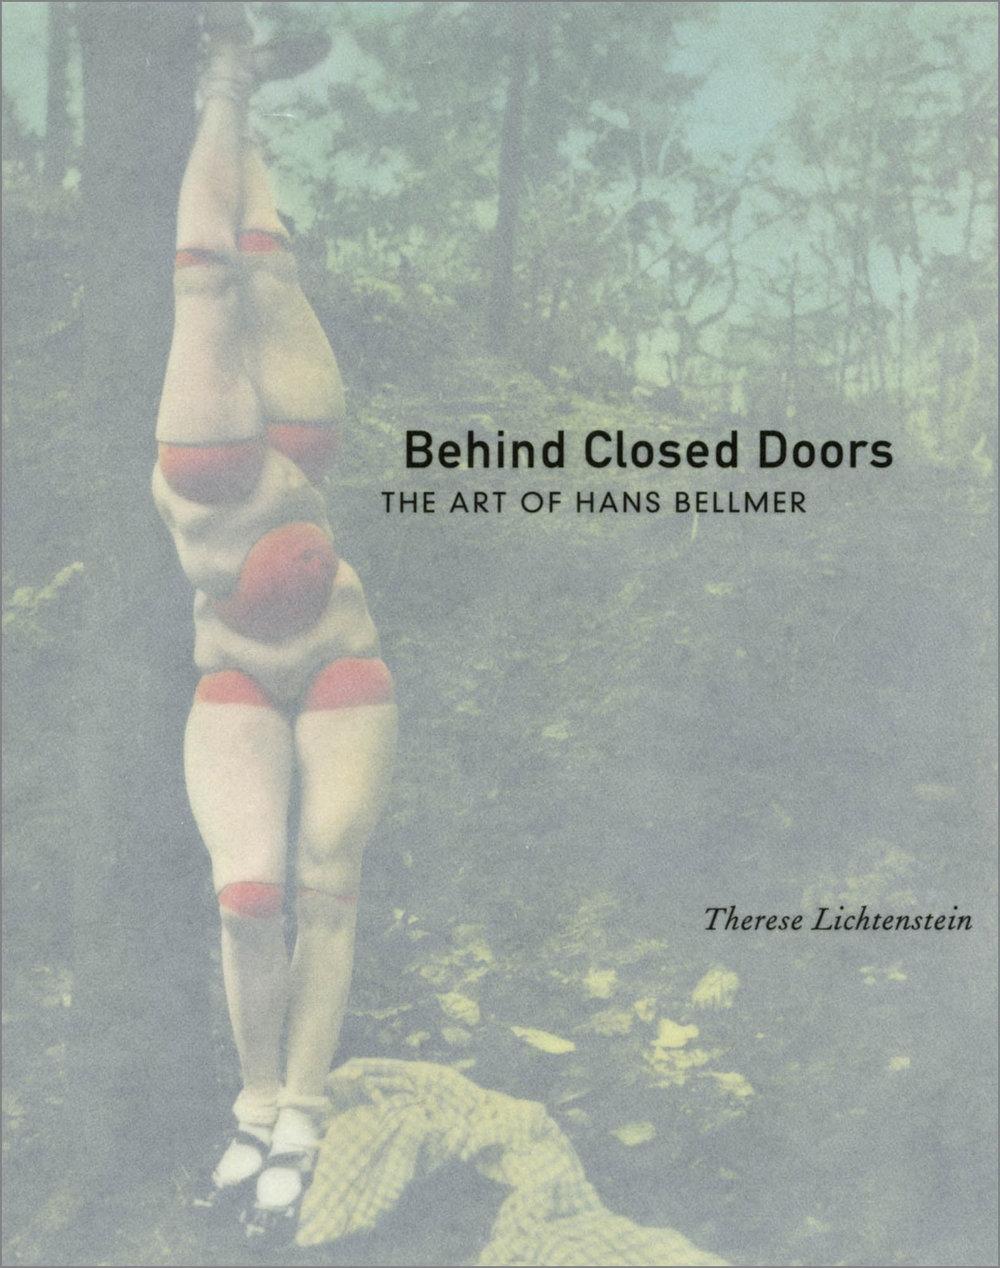 behind-closed-doors.jpg